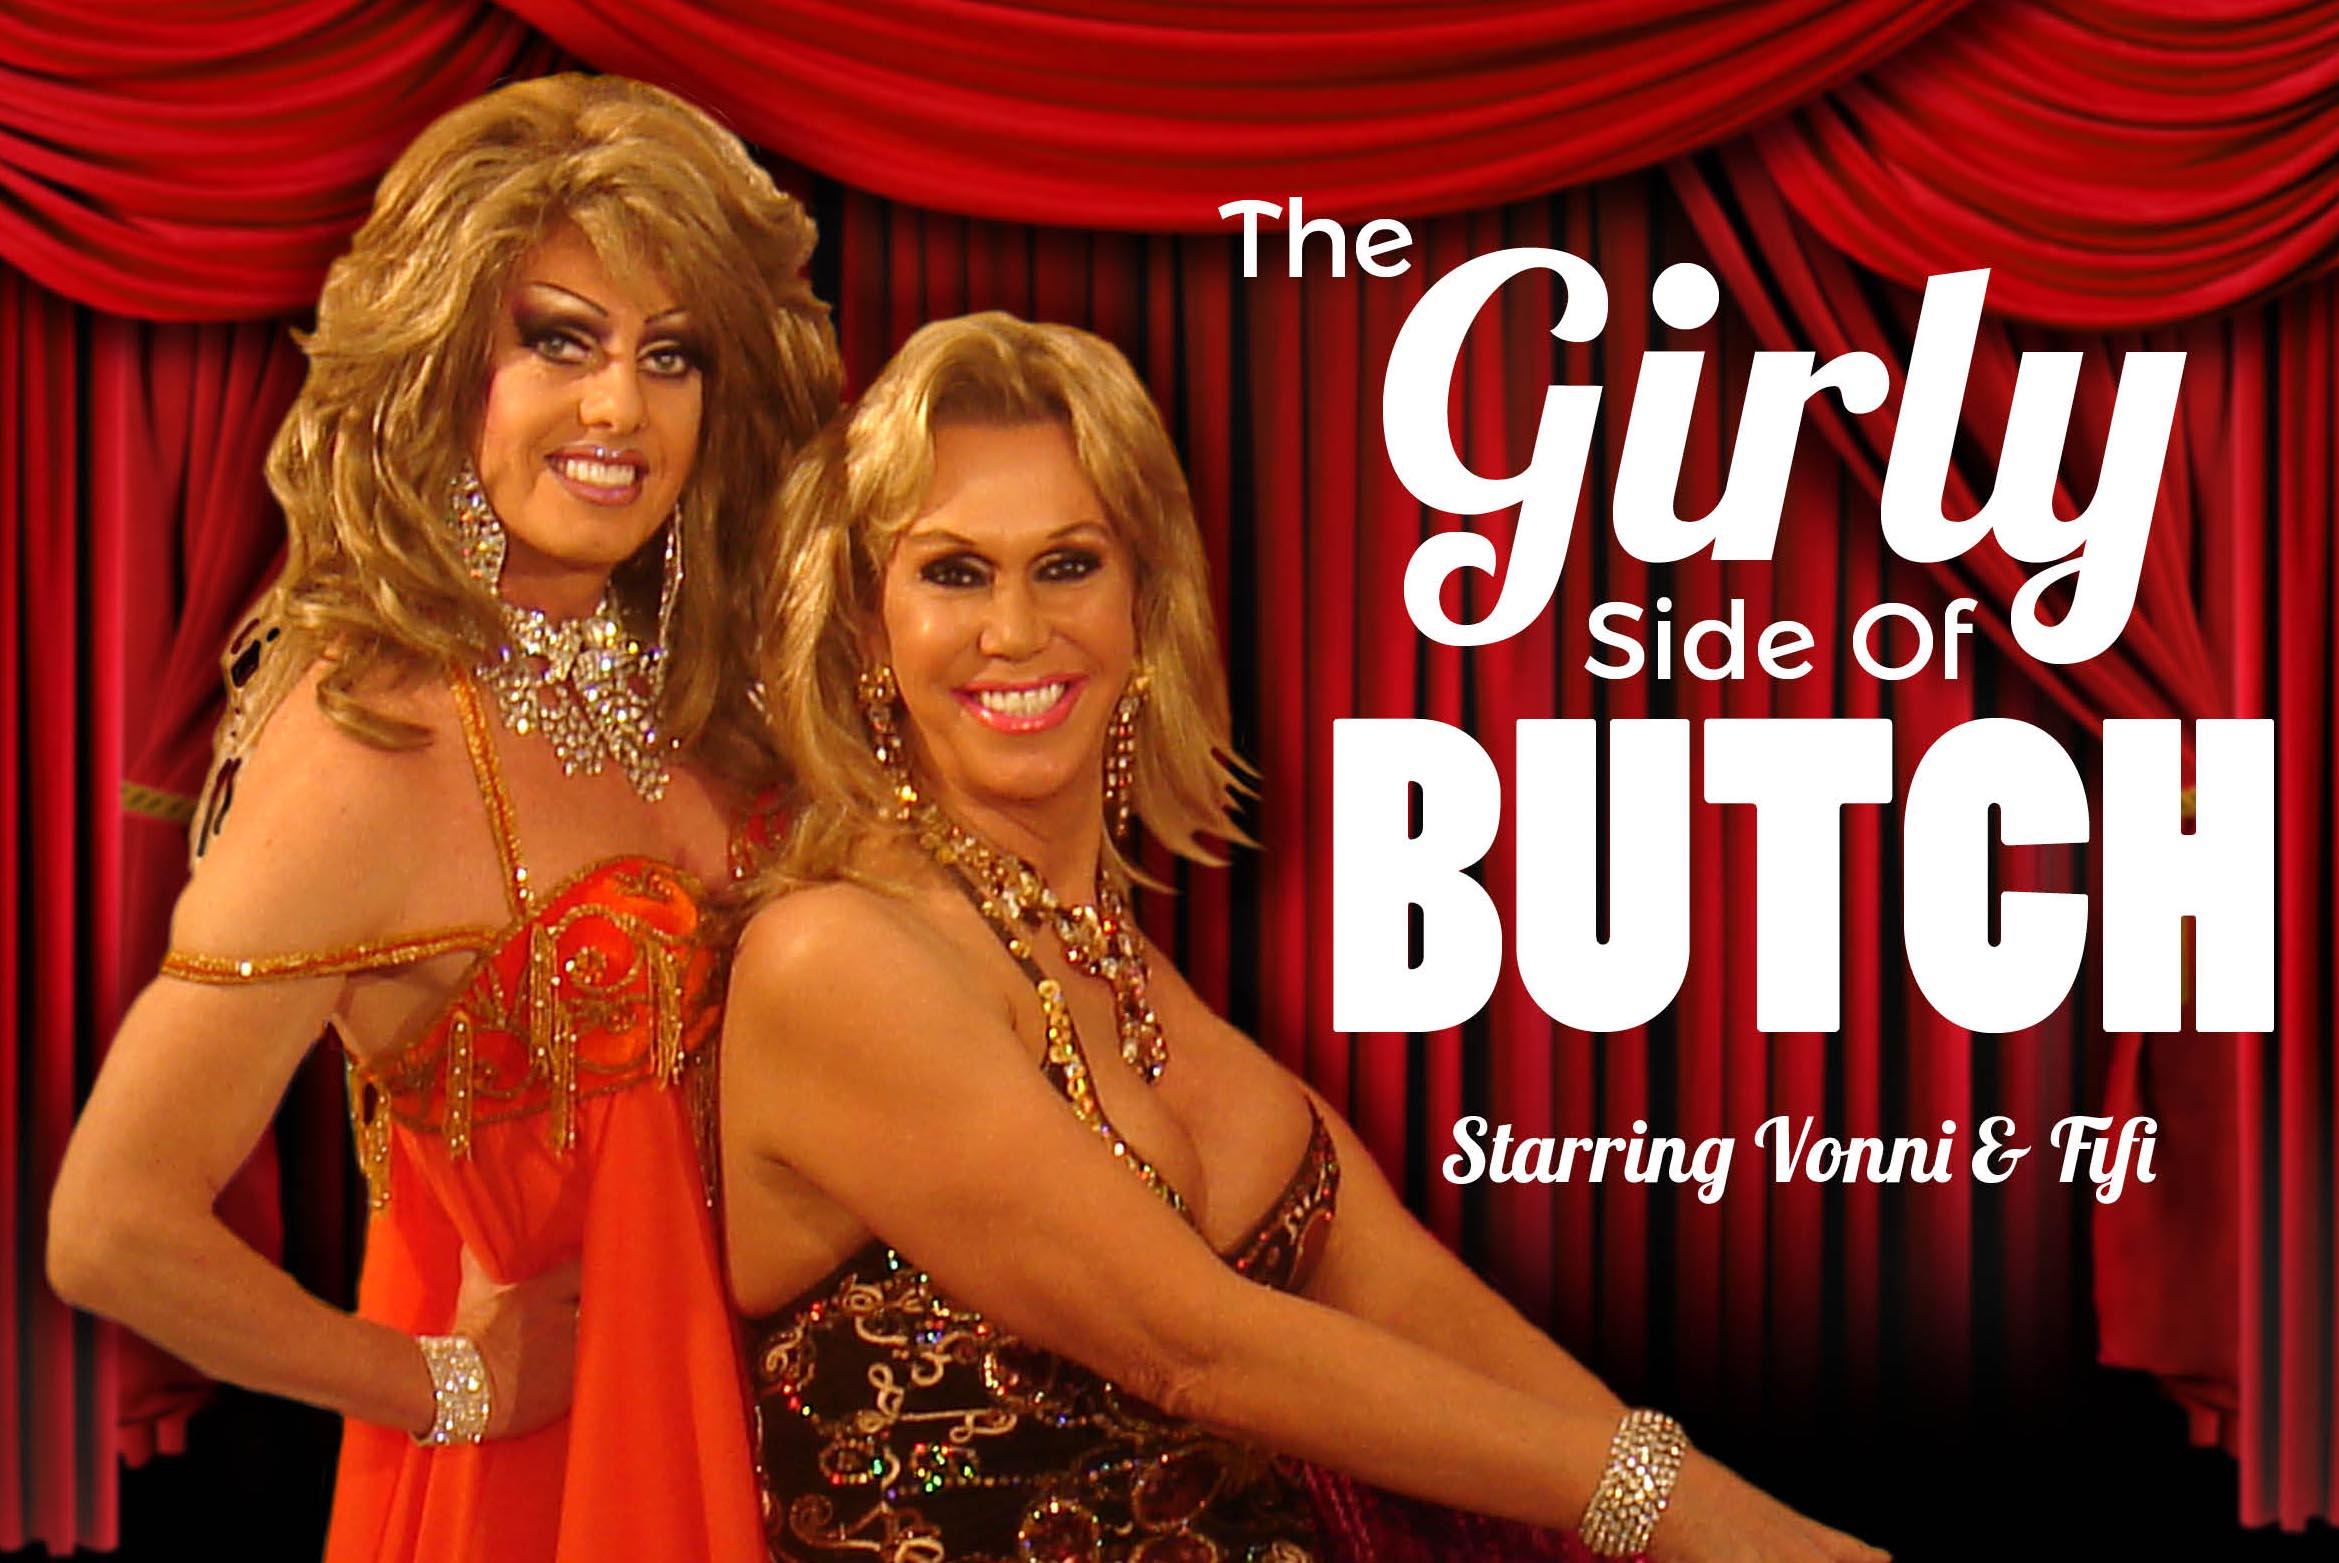 Girly:Butch.jpg